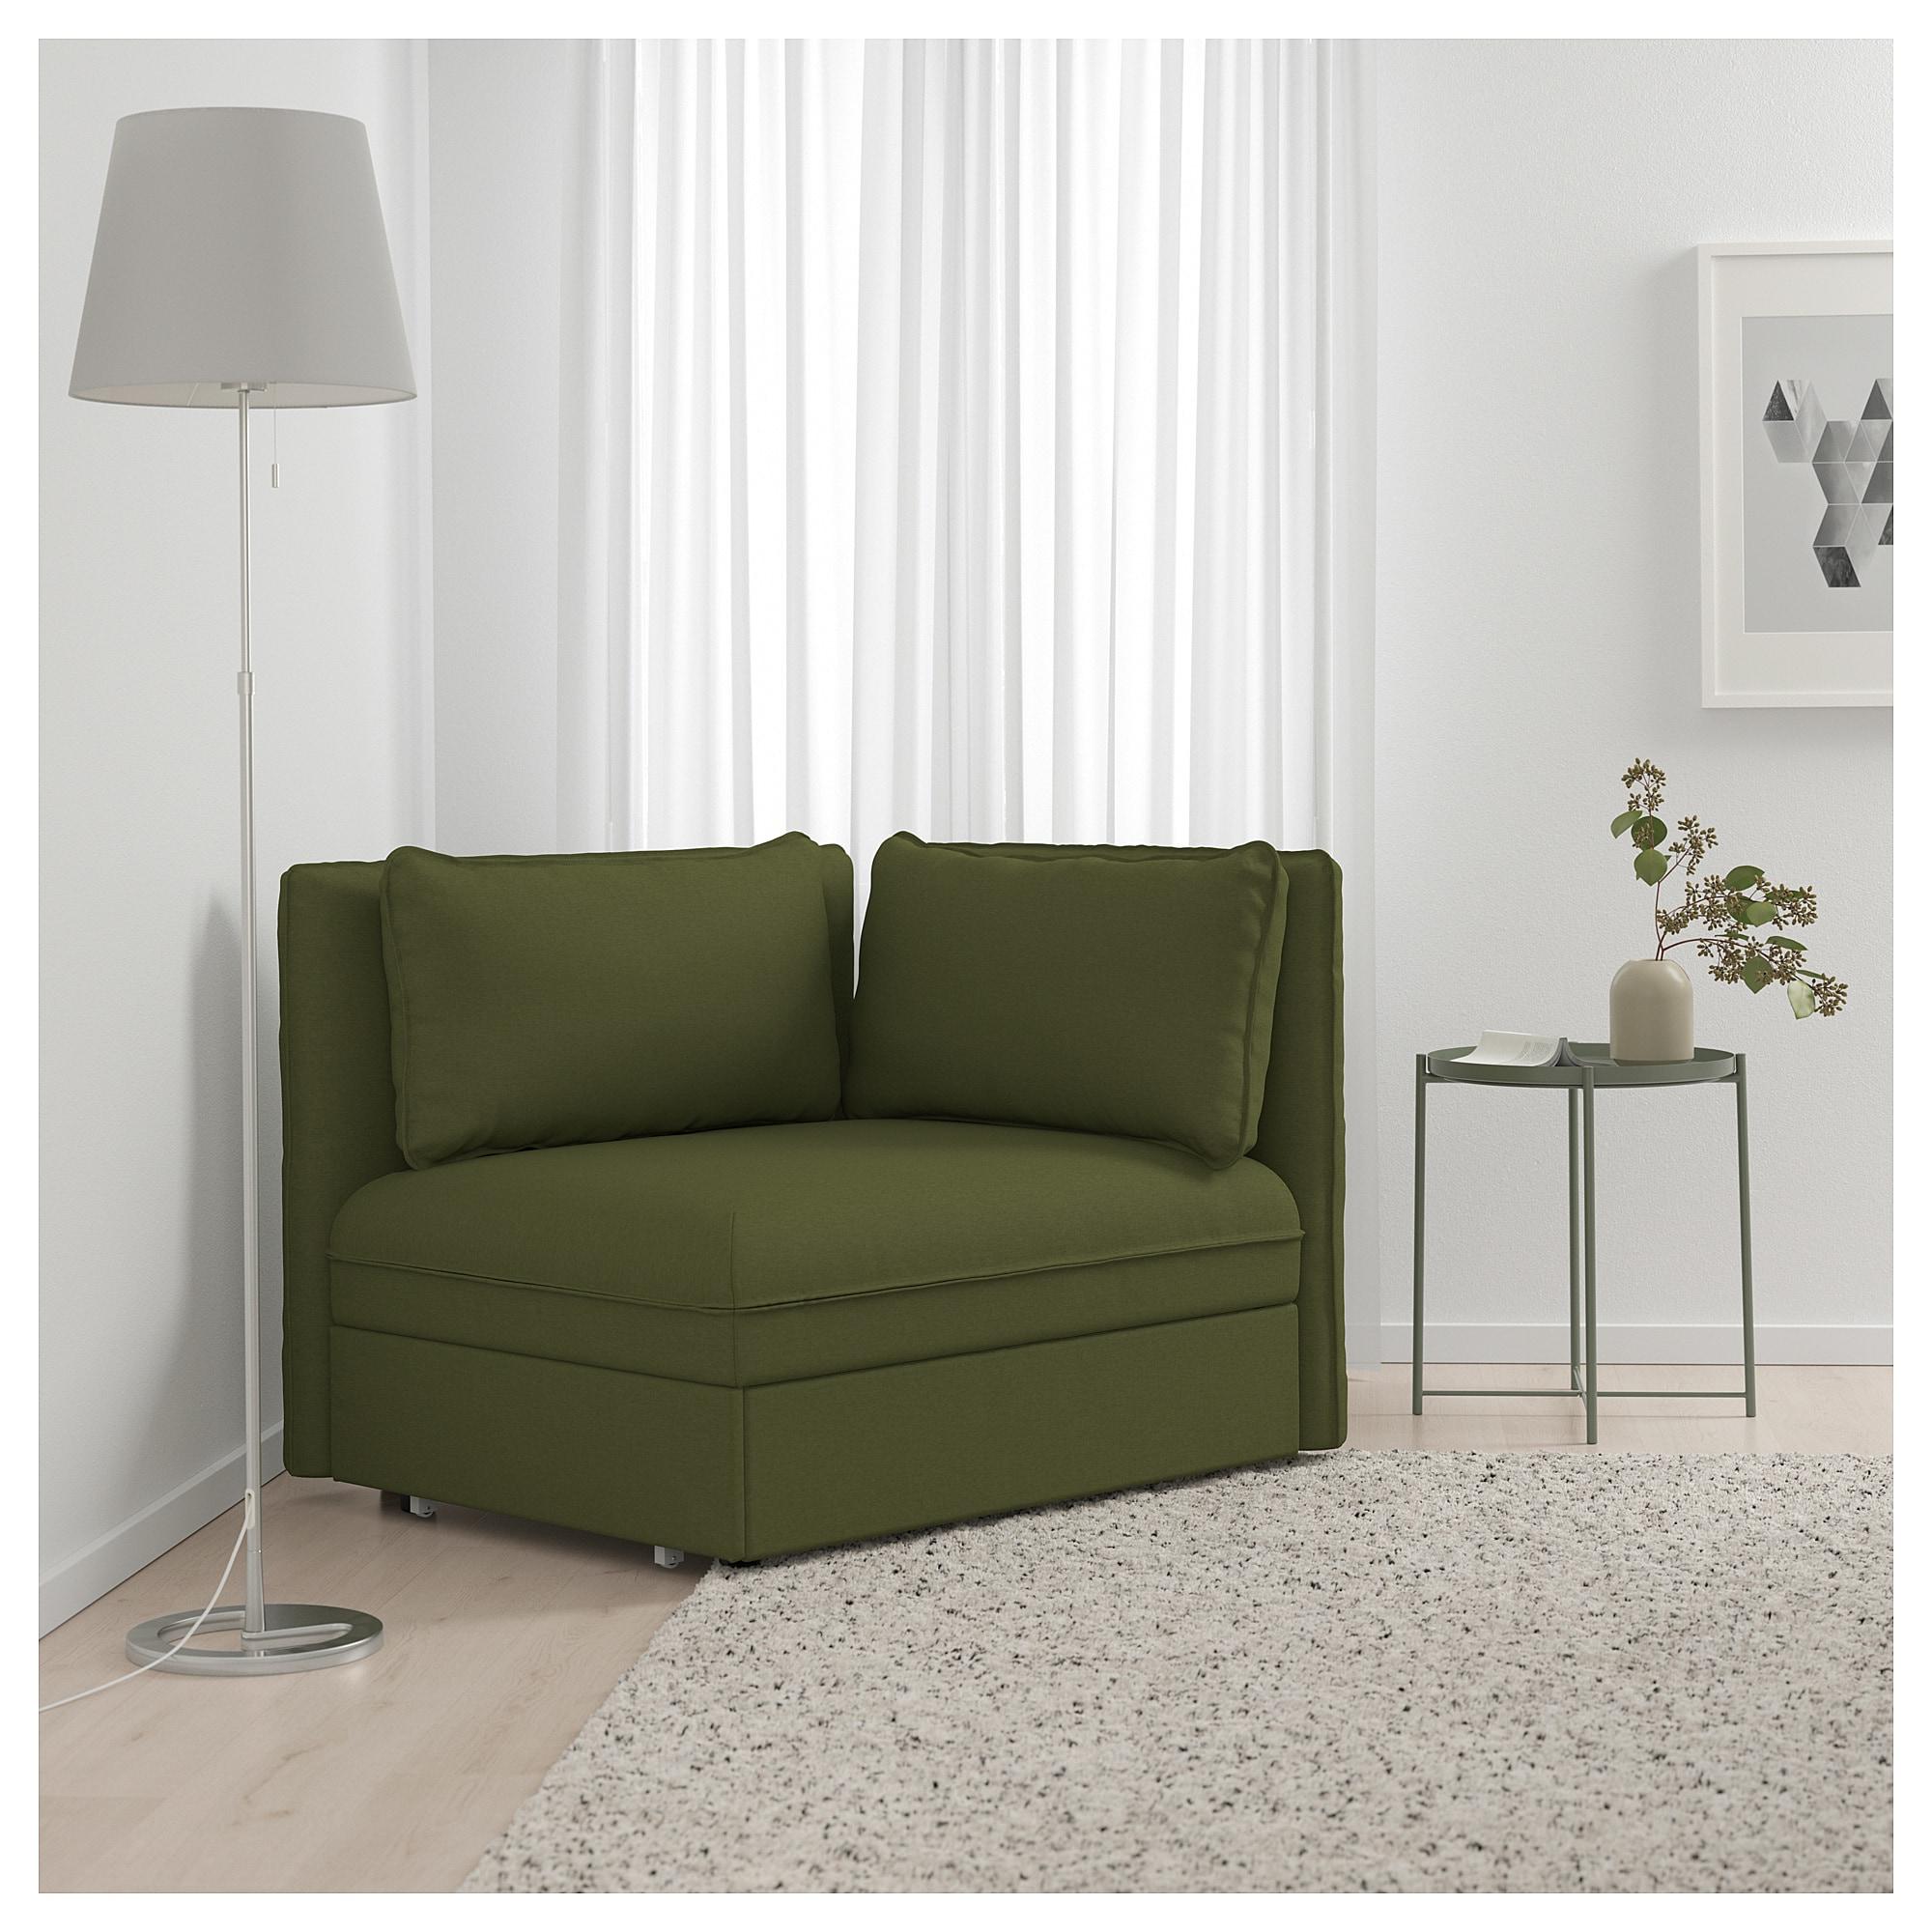 Reposabrazos sofa Wddj Vallentuna Mà Dulo sofà Cama Con Reposabrazos orrsta Verde Oliva Ikea